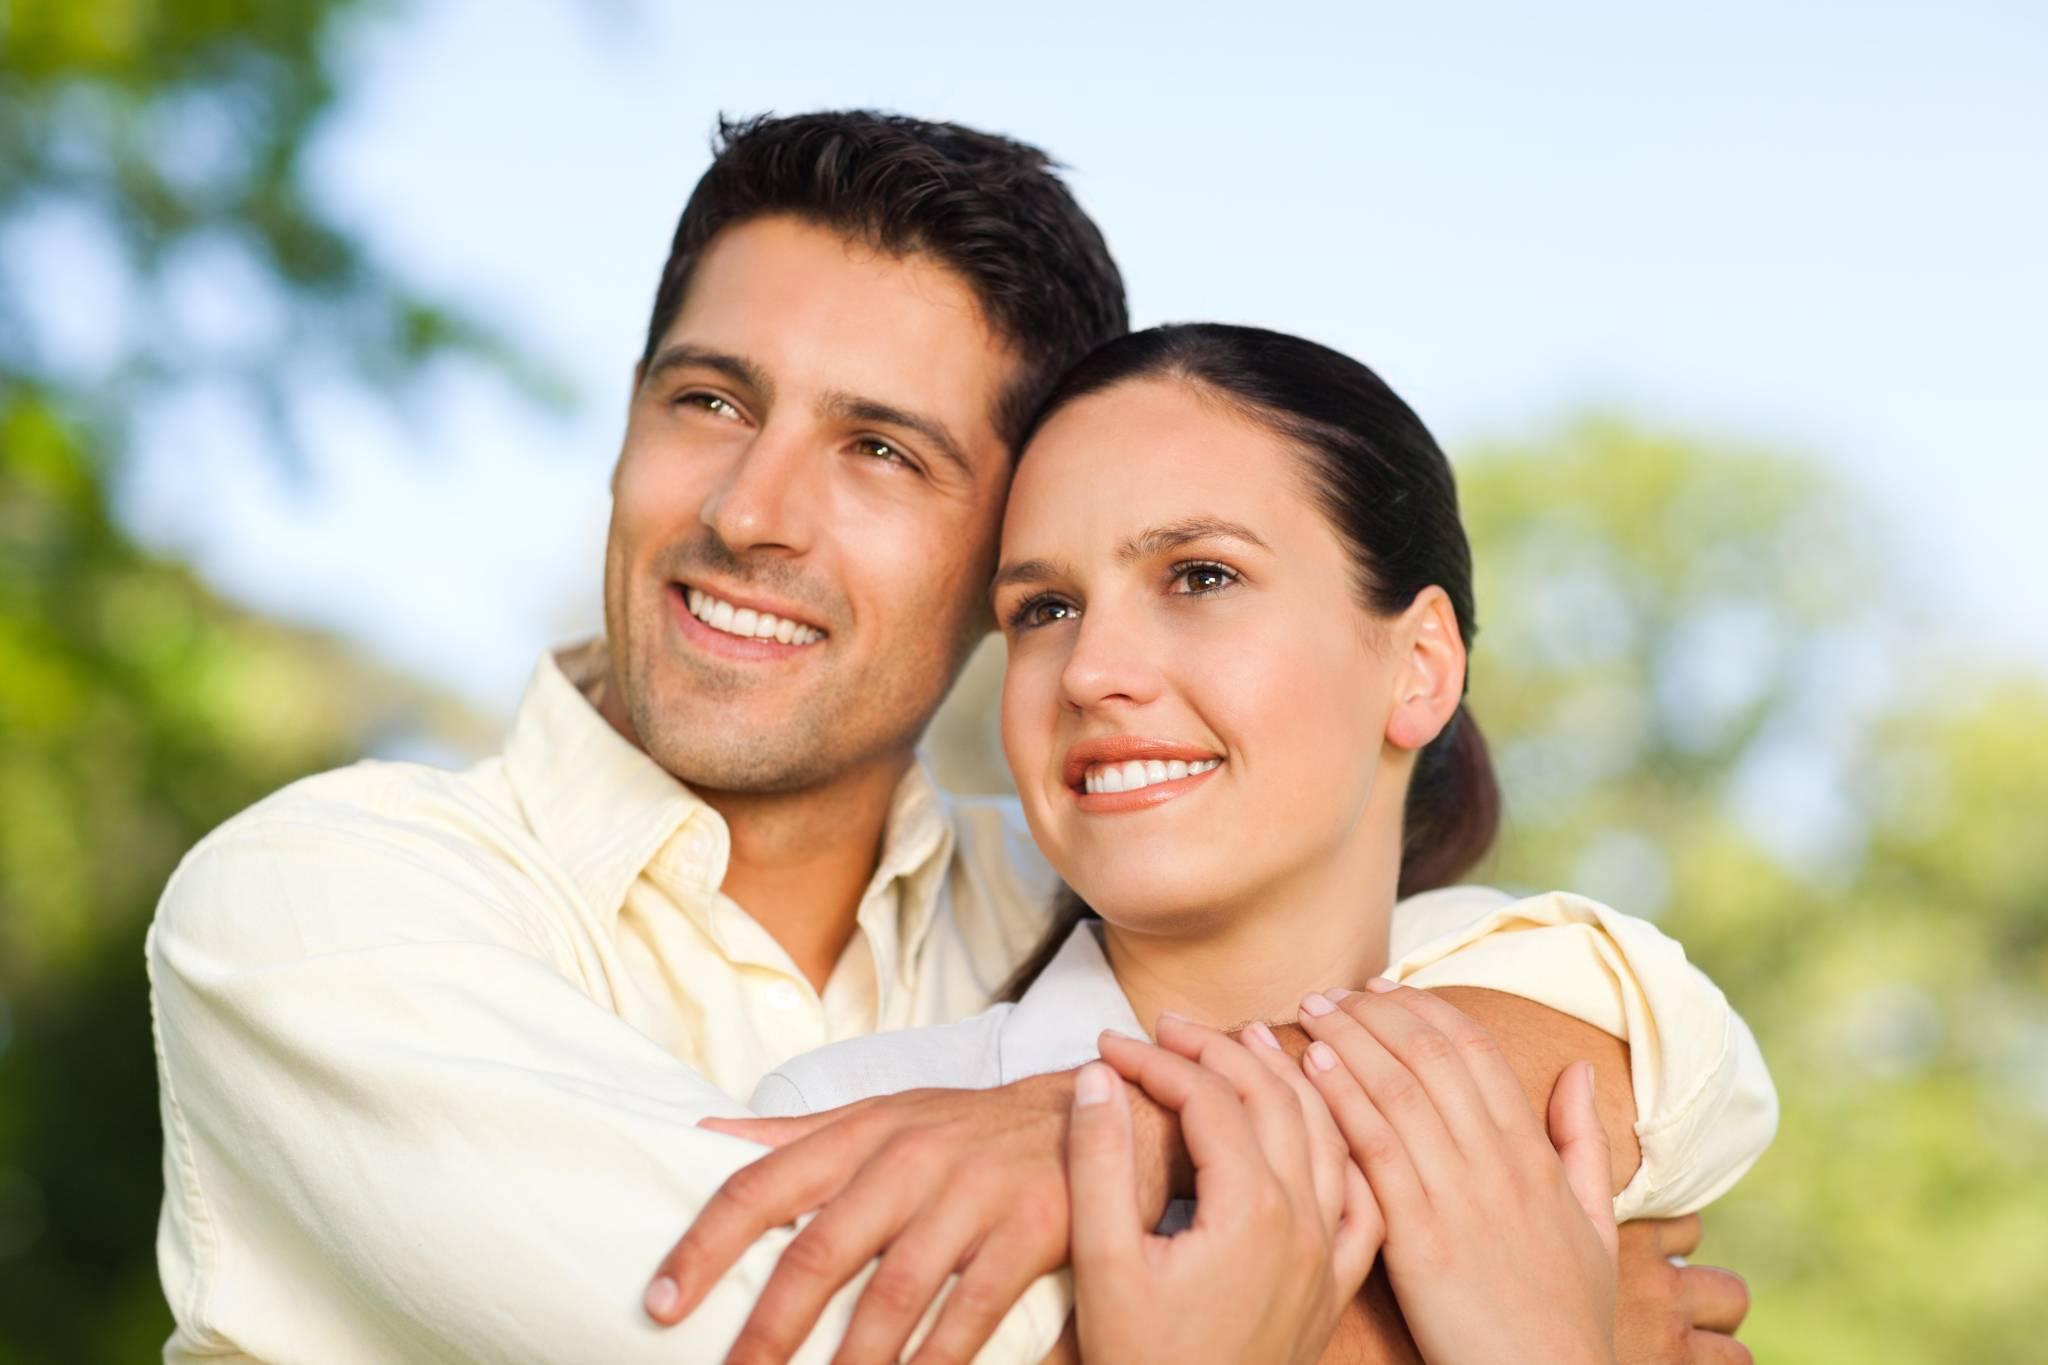 Реальные съемки супружеской пары 19 фотография